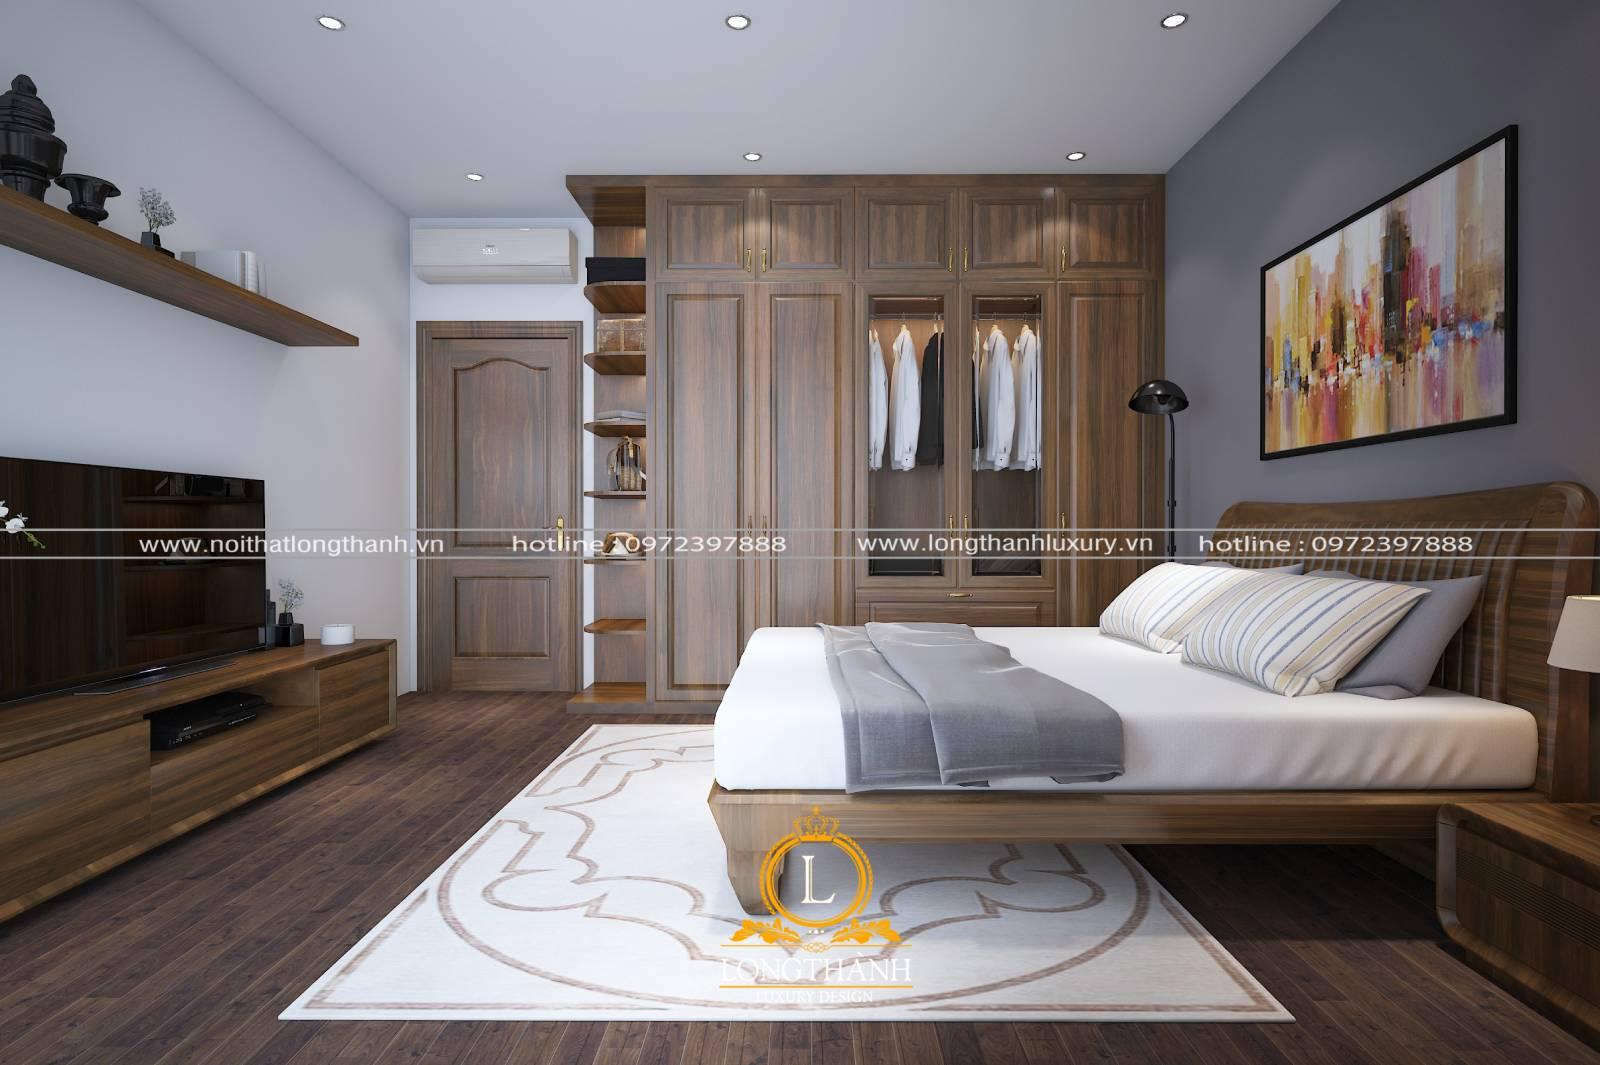 Cửa gỗ tân cổ điển tăng thêm vẻ đẹp và nét sang trọng hiện đại